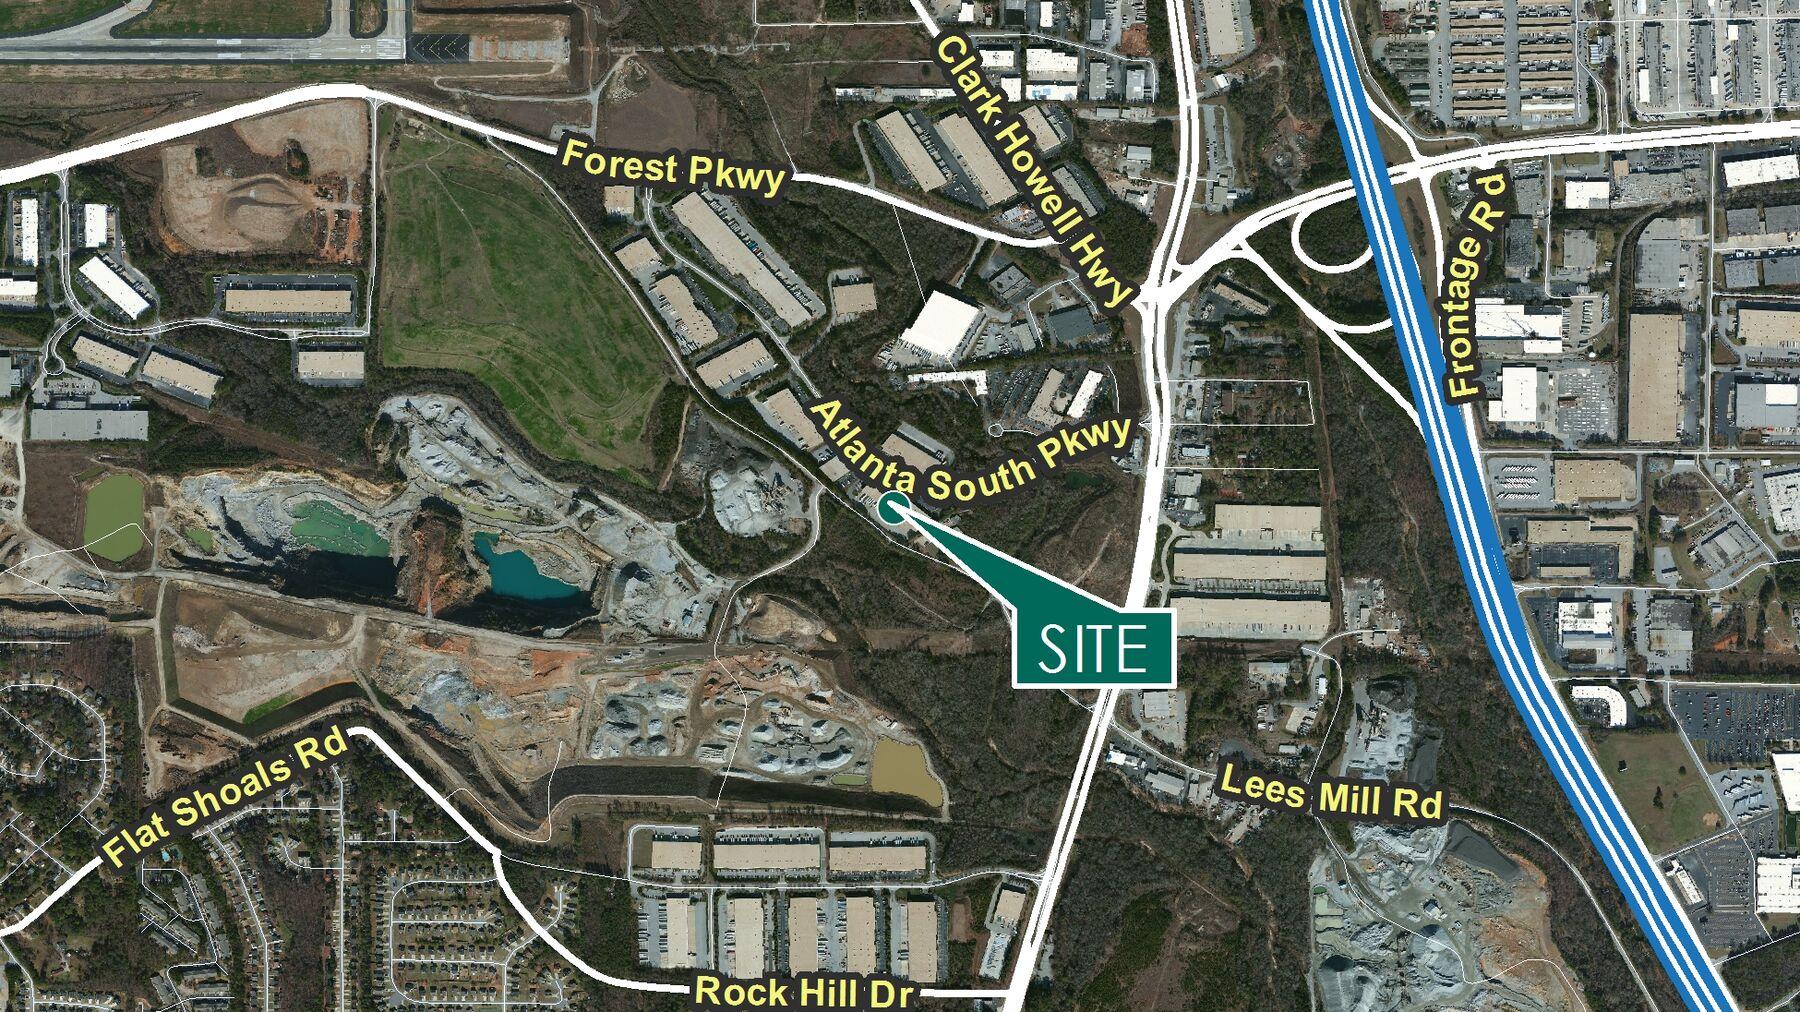 DPM-560-Atlanta-South-Pkwy-Flyer-Aerial.jpg